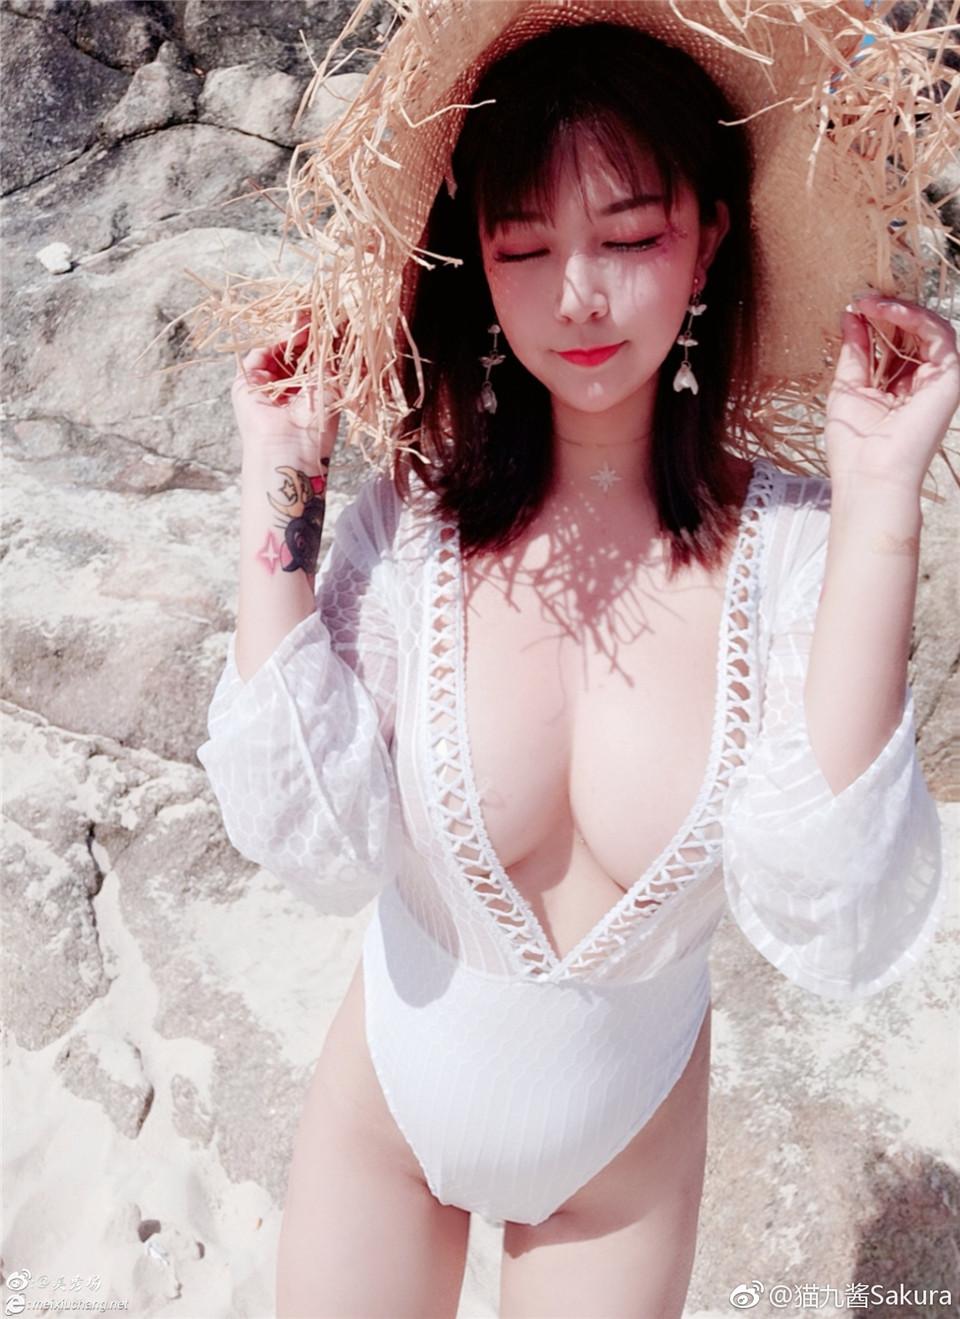 赞一把猫九酱2019.1.16微博:穿上白色镂空高叉开胸装晒太阳